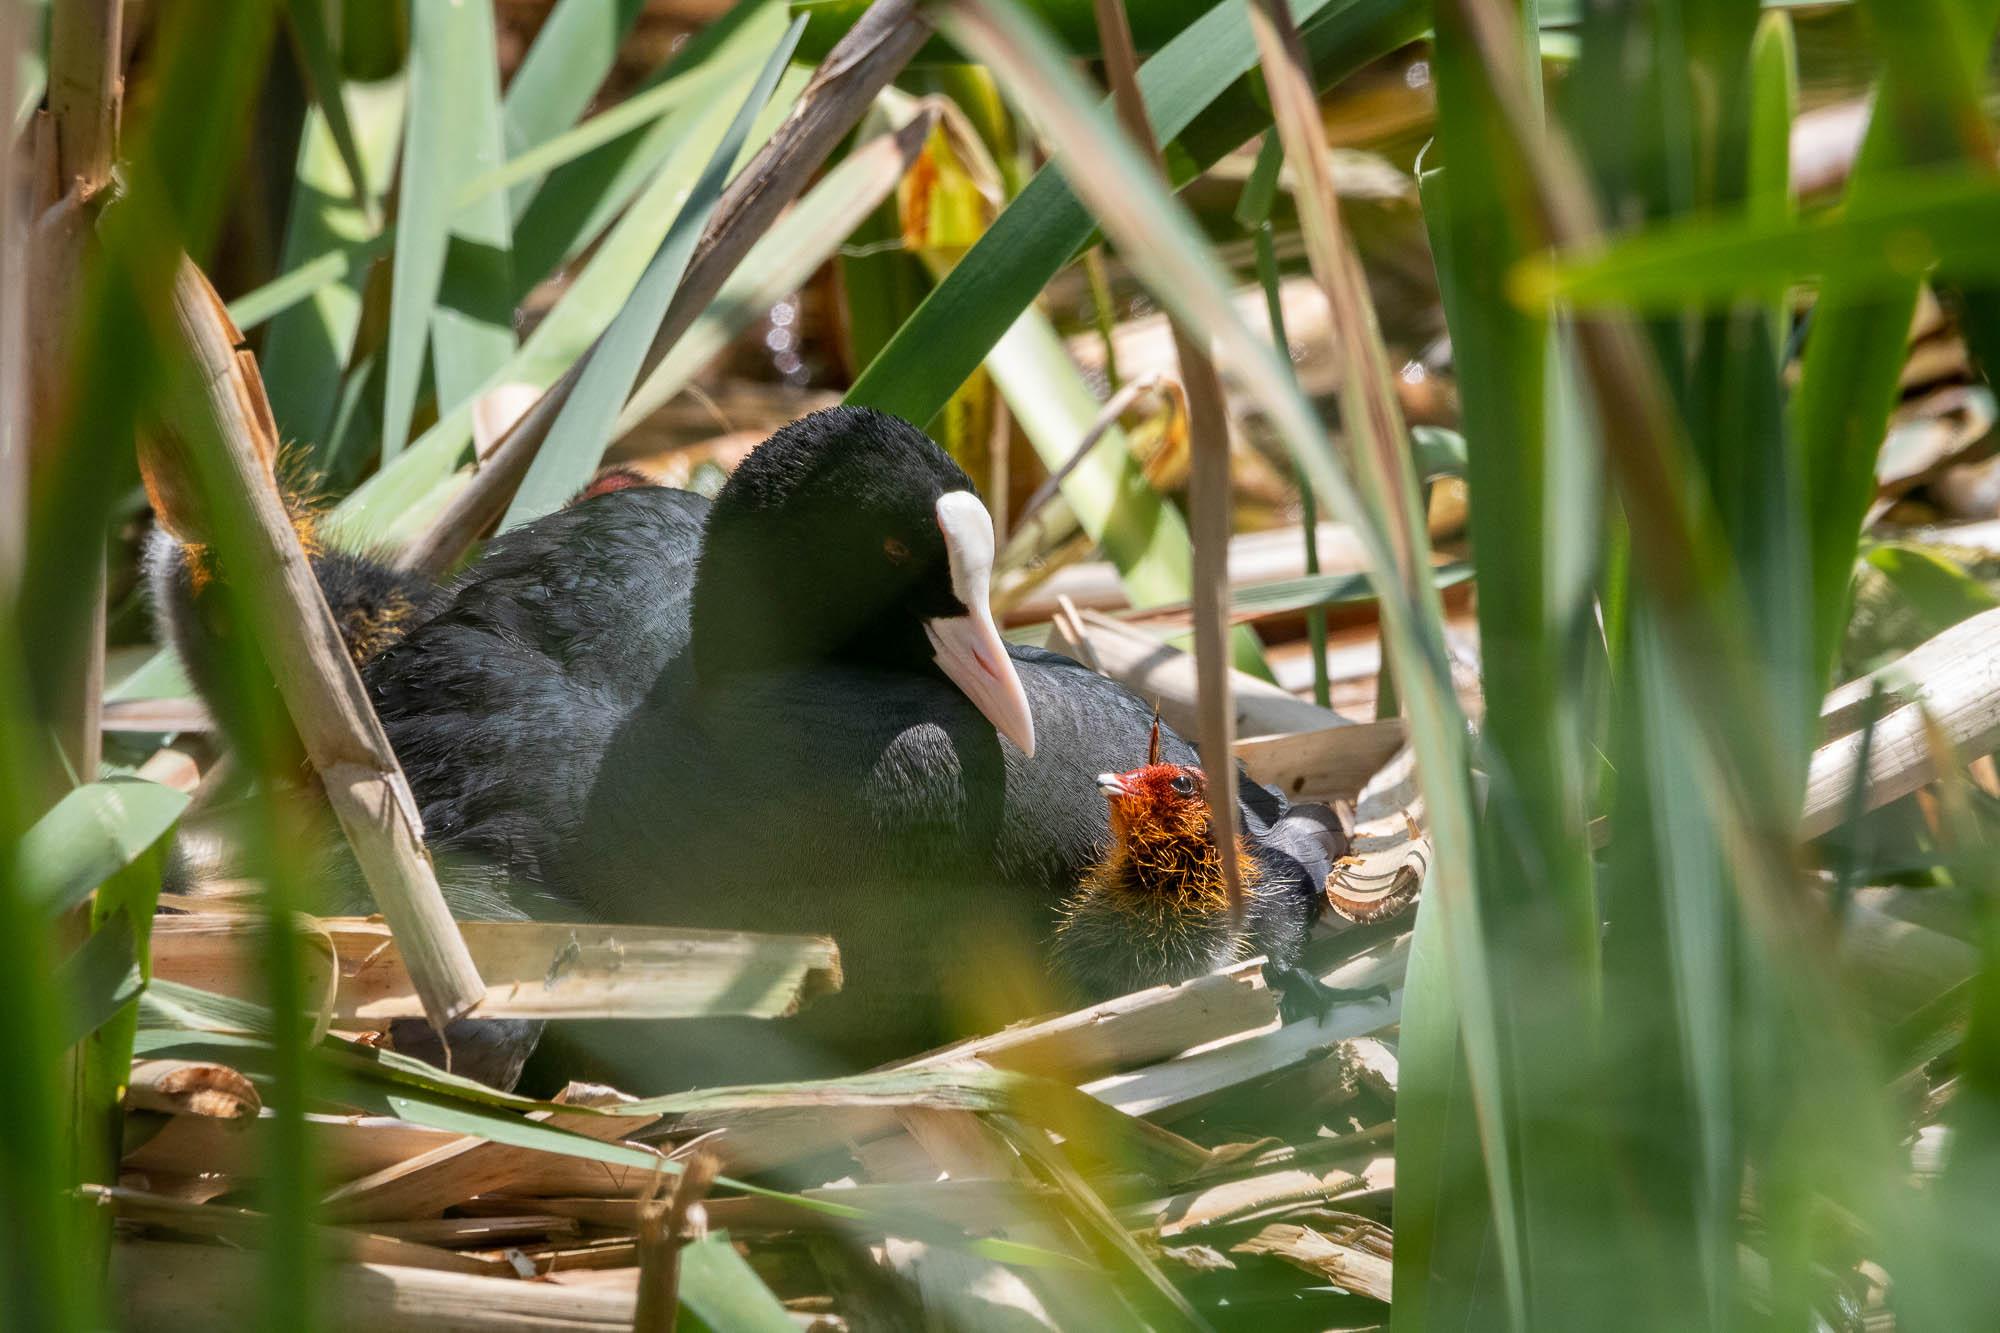 Blässhuhn/Blässralle (Fulica atra), Mutter mit Küken im Nest